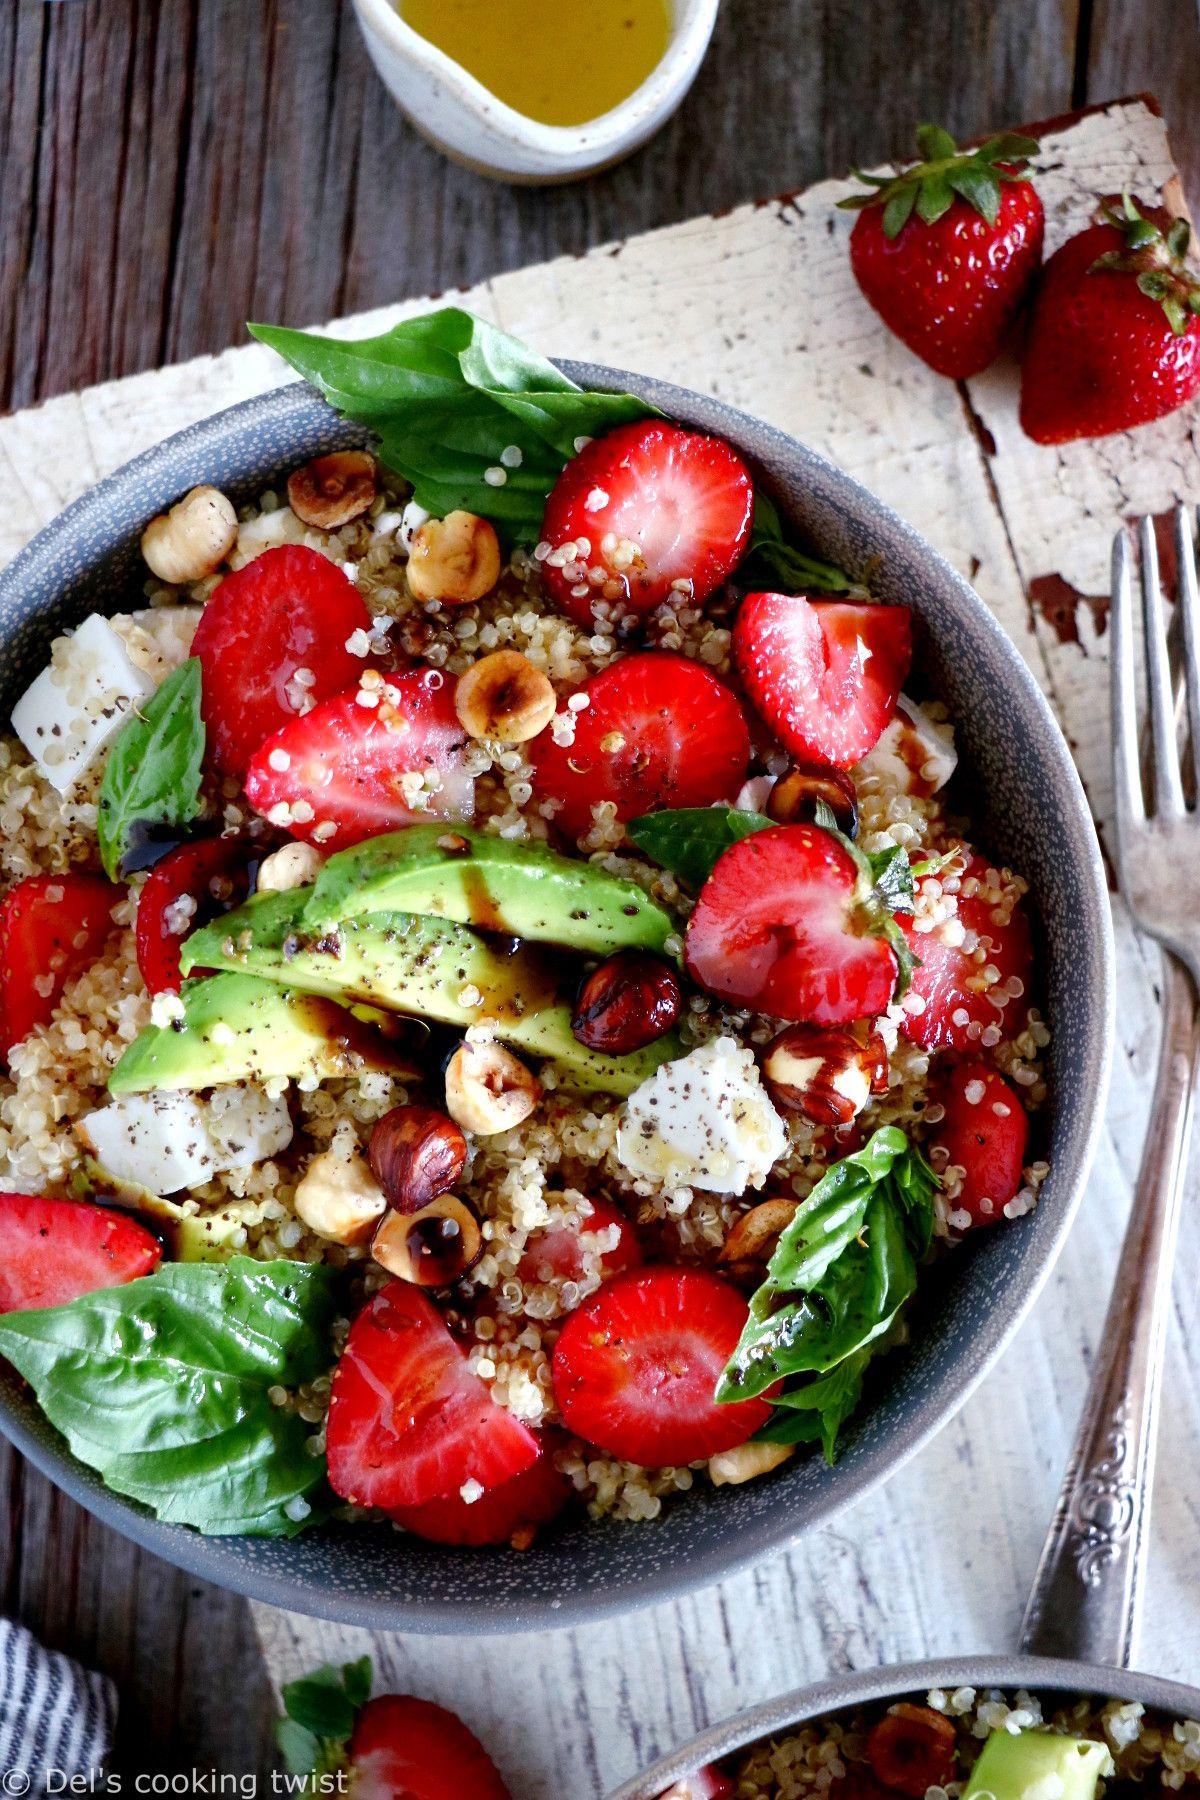 Strawberry Quinoa Salad with Feta Cheese | Recipe in 2020 ...